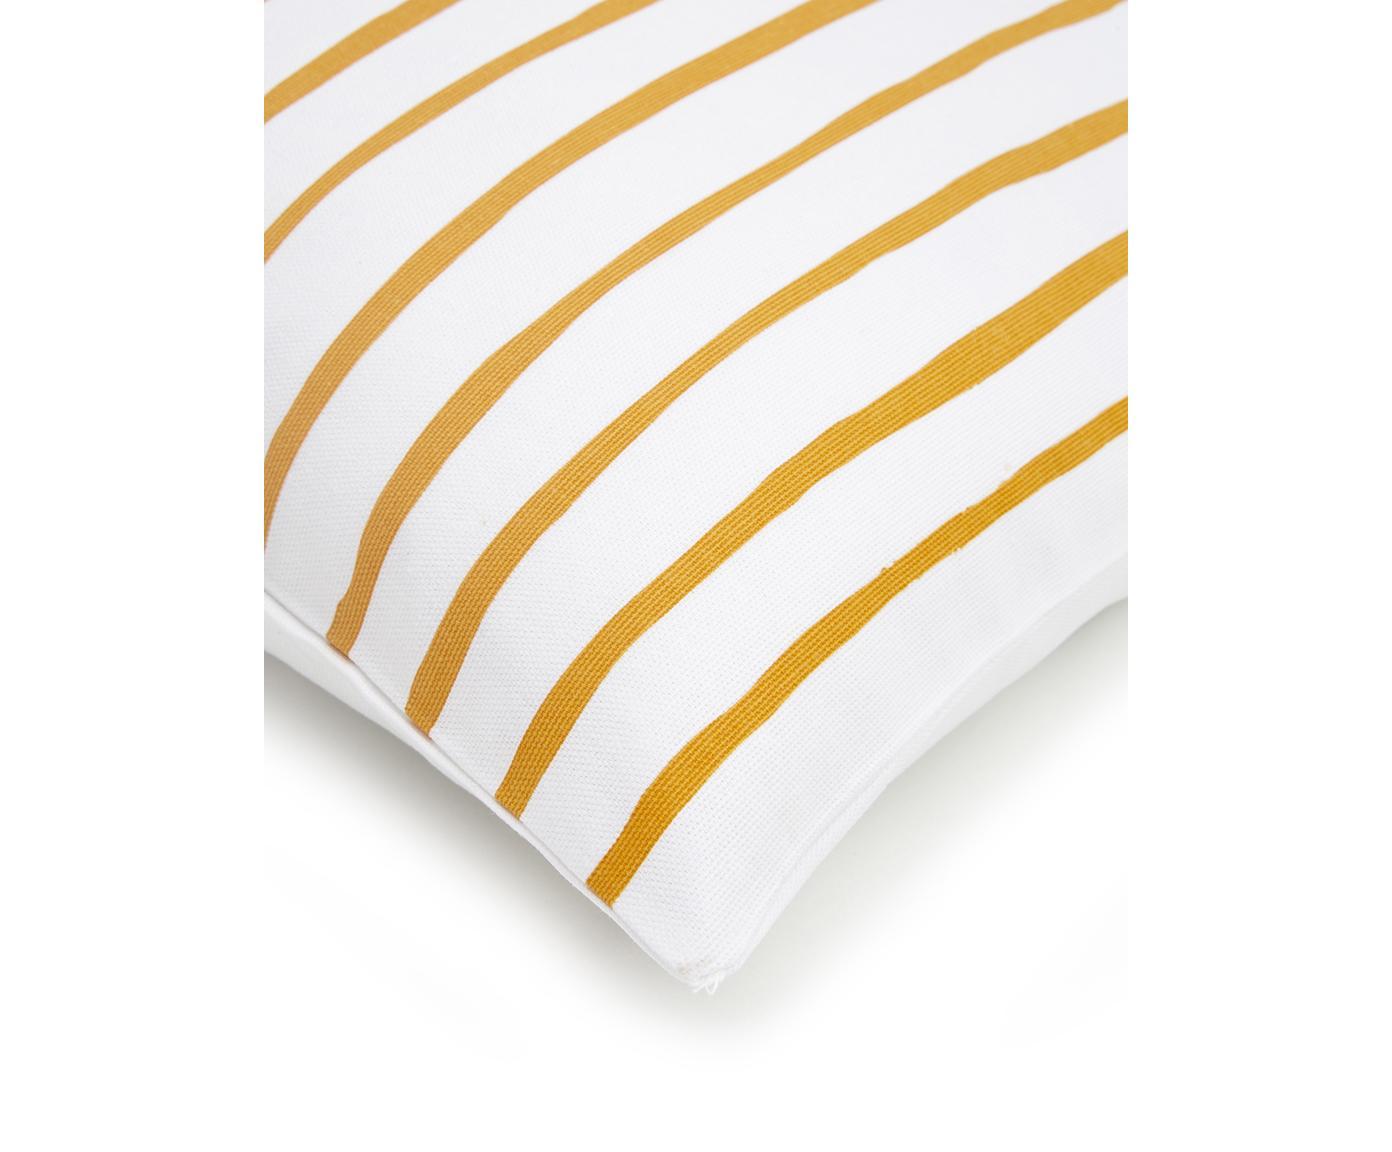 Poszewka na poduszkę Ola, Bawełna, Żółty, biały, S 40 x D 40 cm